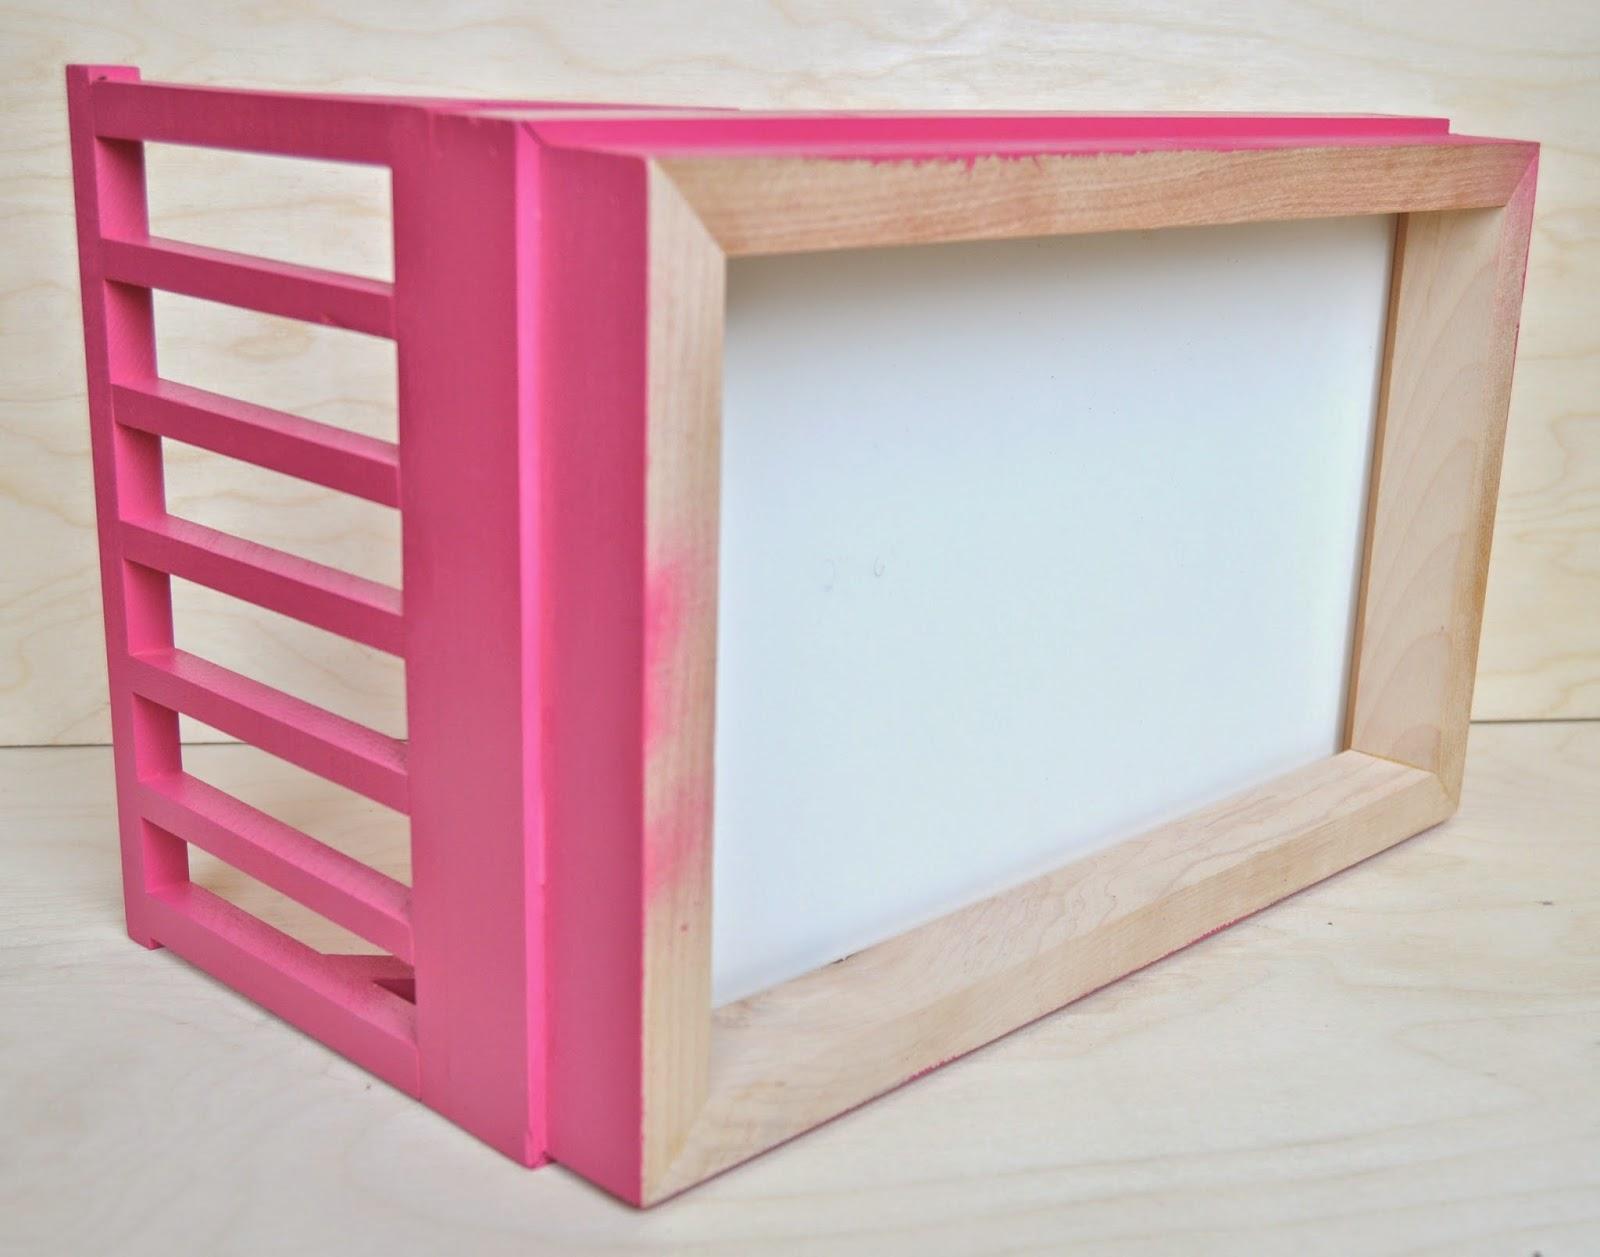 kruse 39 s workshop diy dollhouse furniture. Black Bedroom Furniture Sets. Home Design Ideas